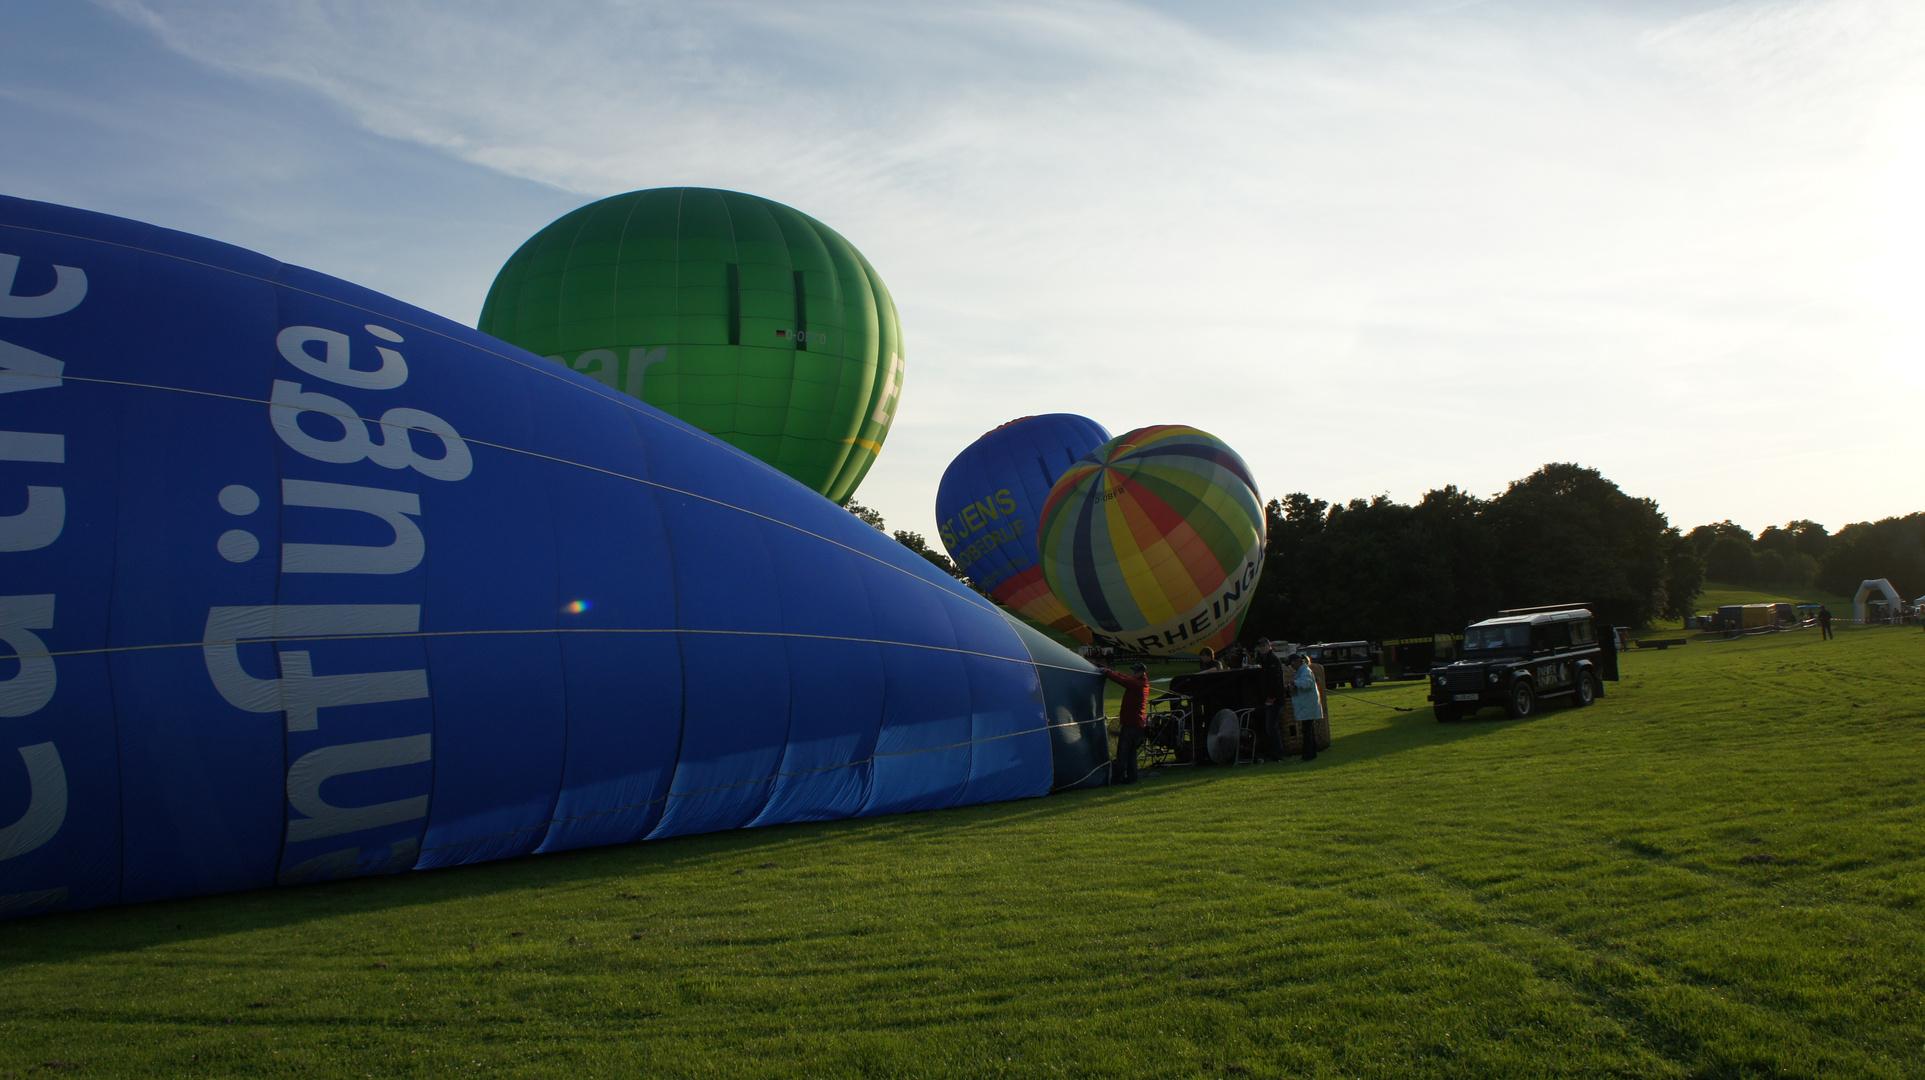 Ballonfestival Bonn 2013 -2